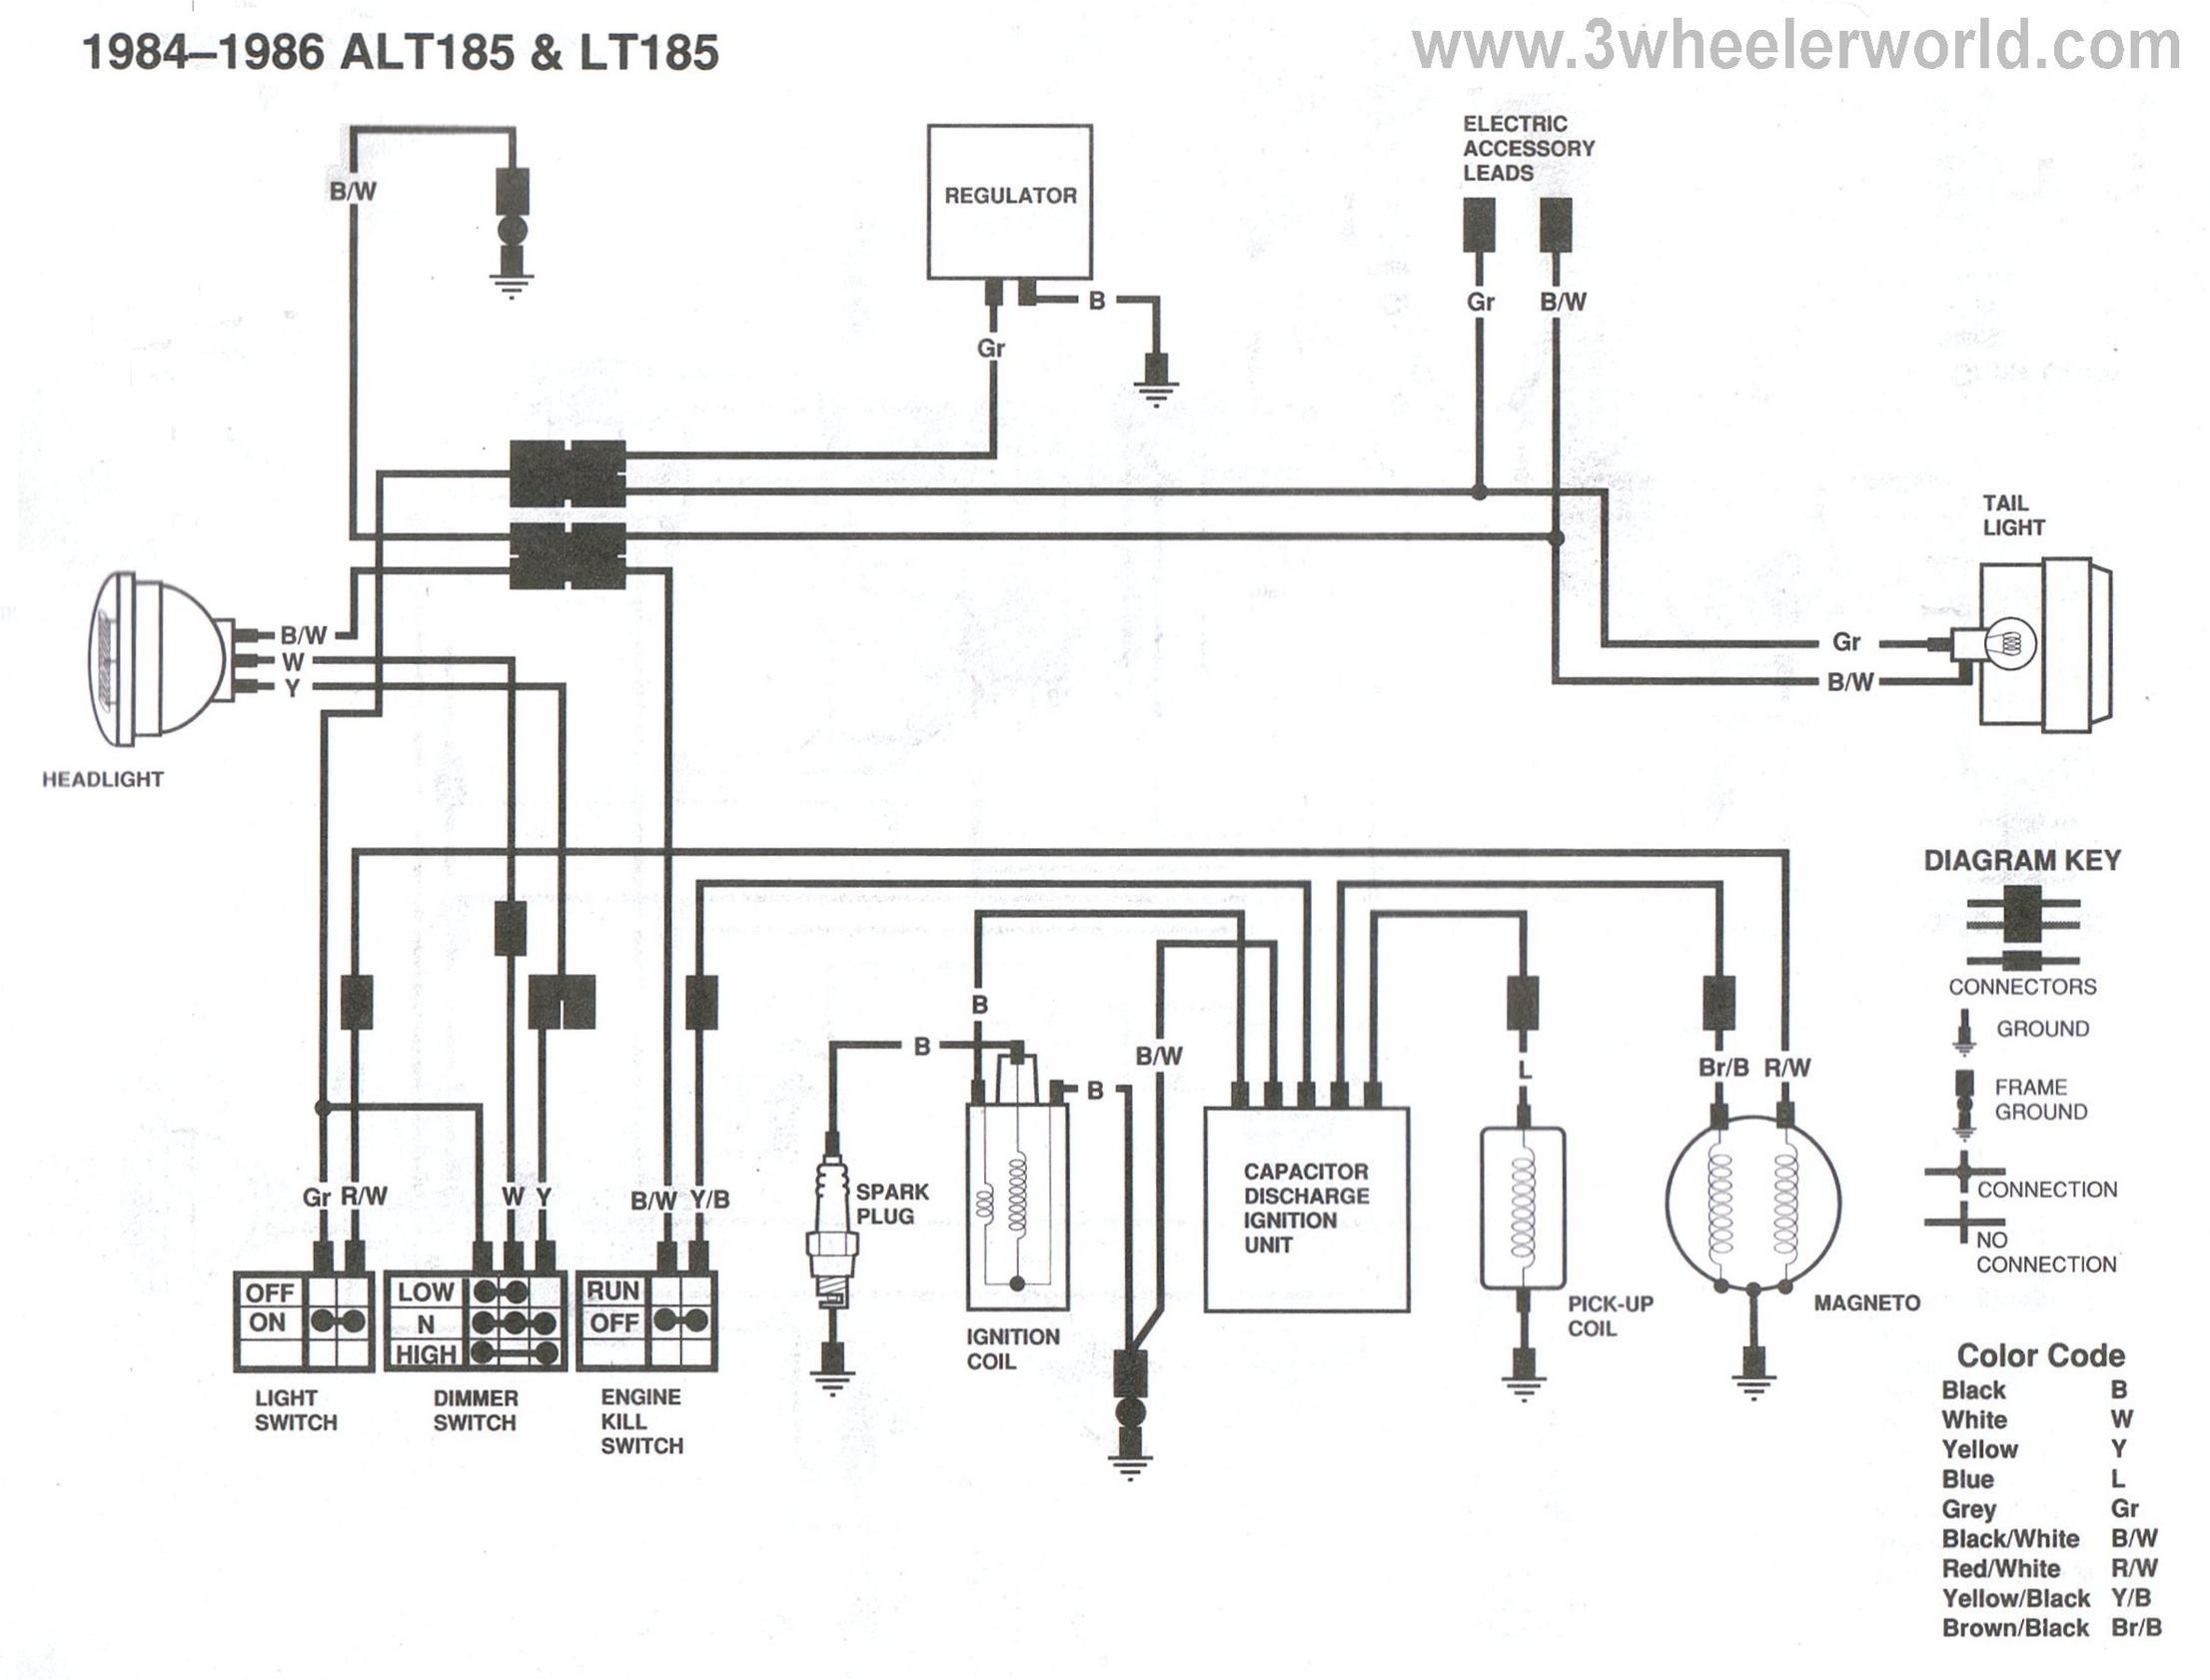 2002 yamaha banshee wiring diagram 2002 image yamaha banshee wiring diagram wiring diagram and hernes on 2002 yamaha banshee wiring diagram